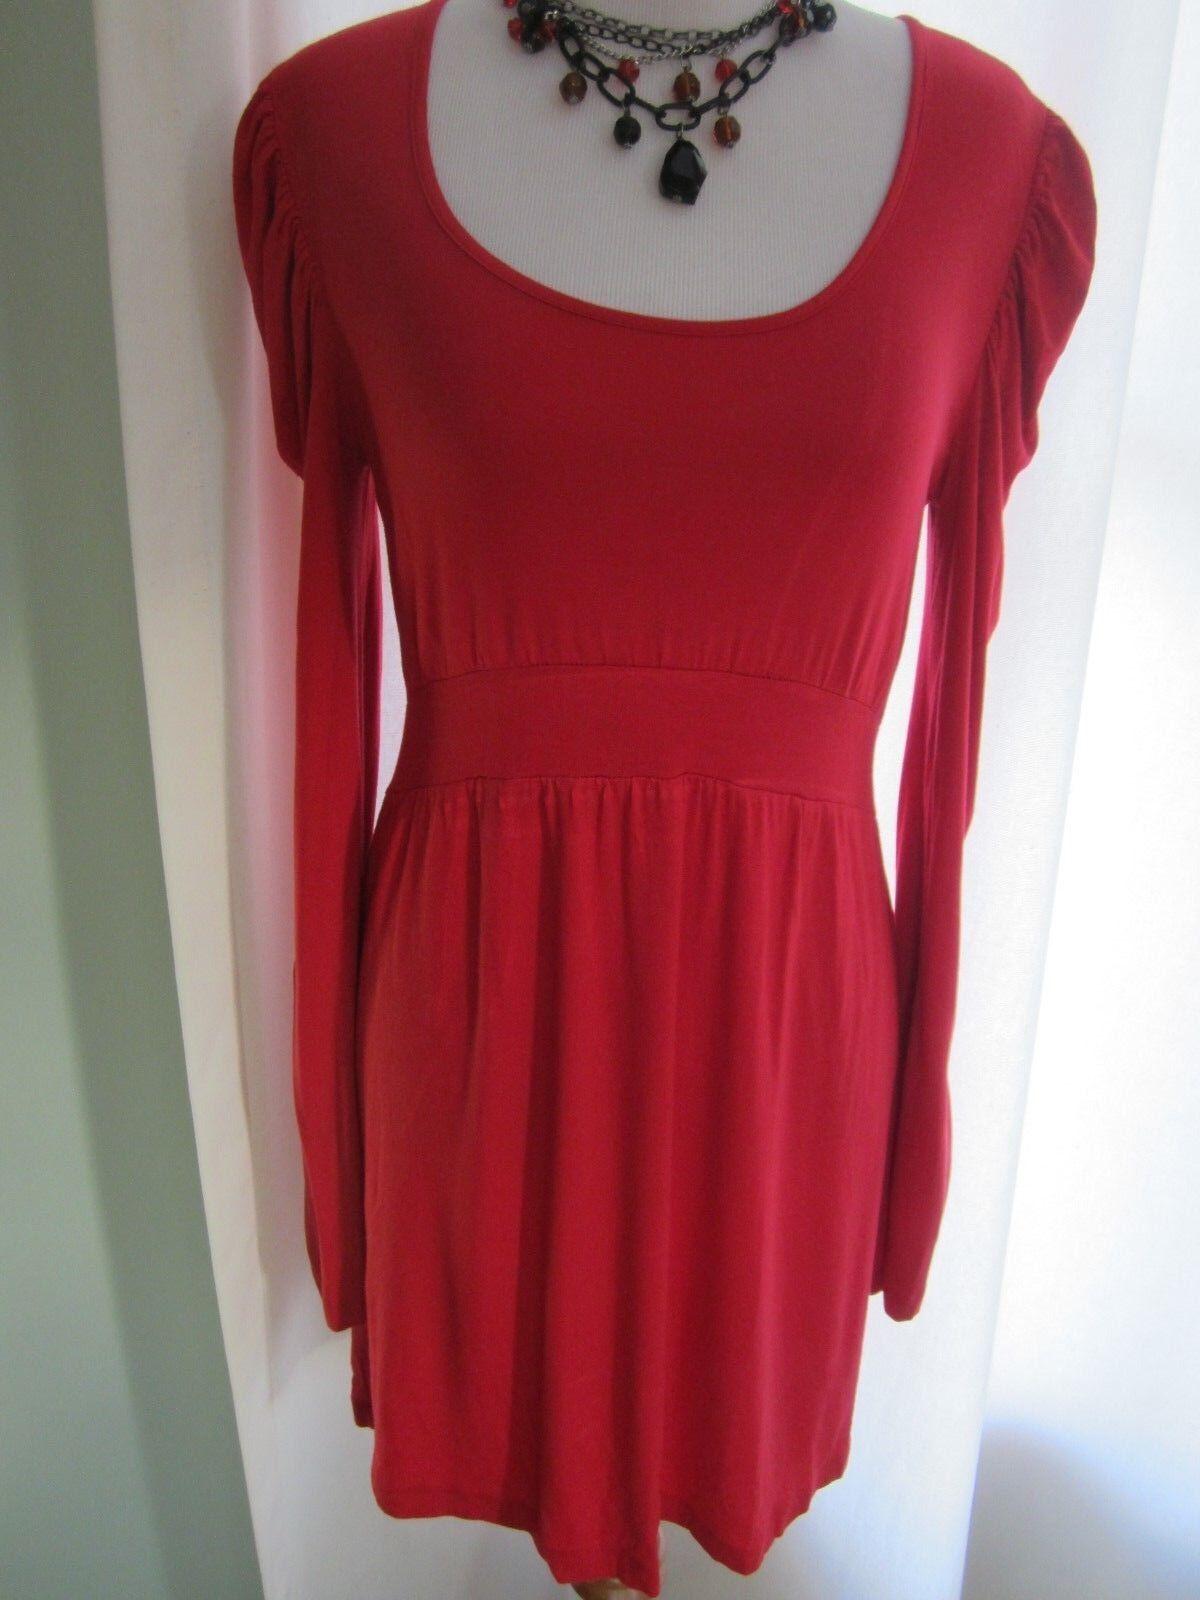 0b287d044846 D2 D2 D2 Design History Red Long Sleeves Dress Size M 5d0a2d ...